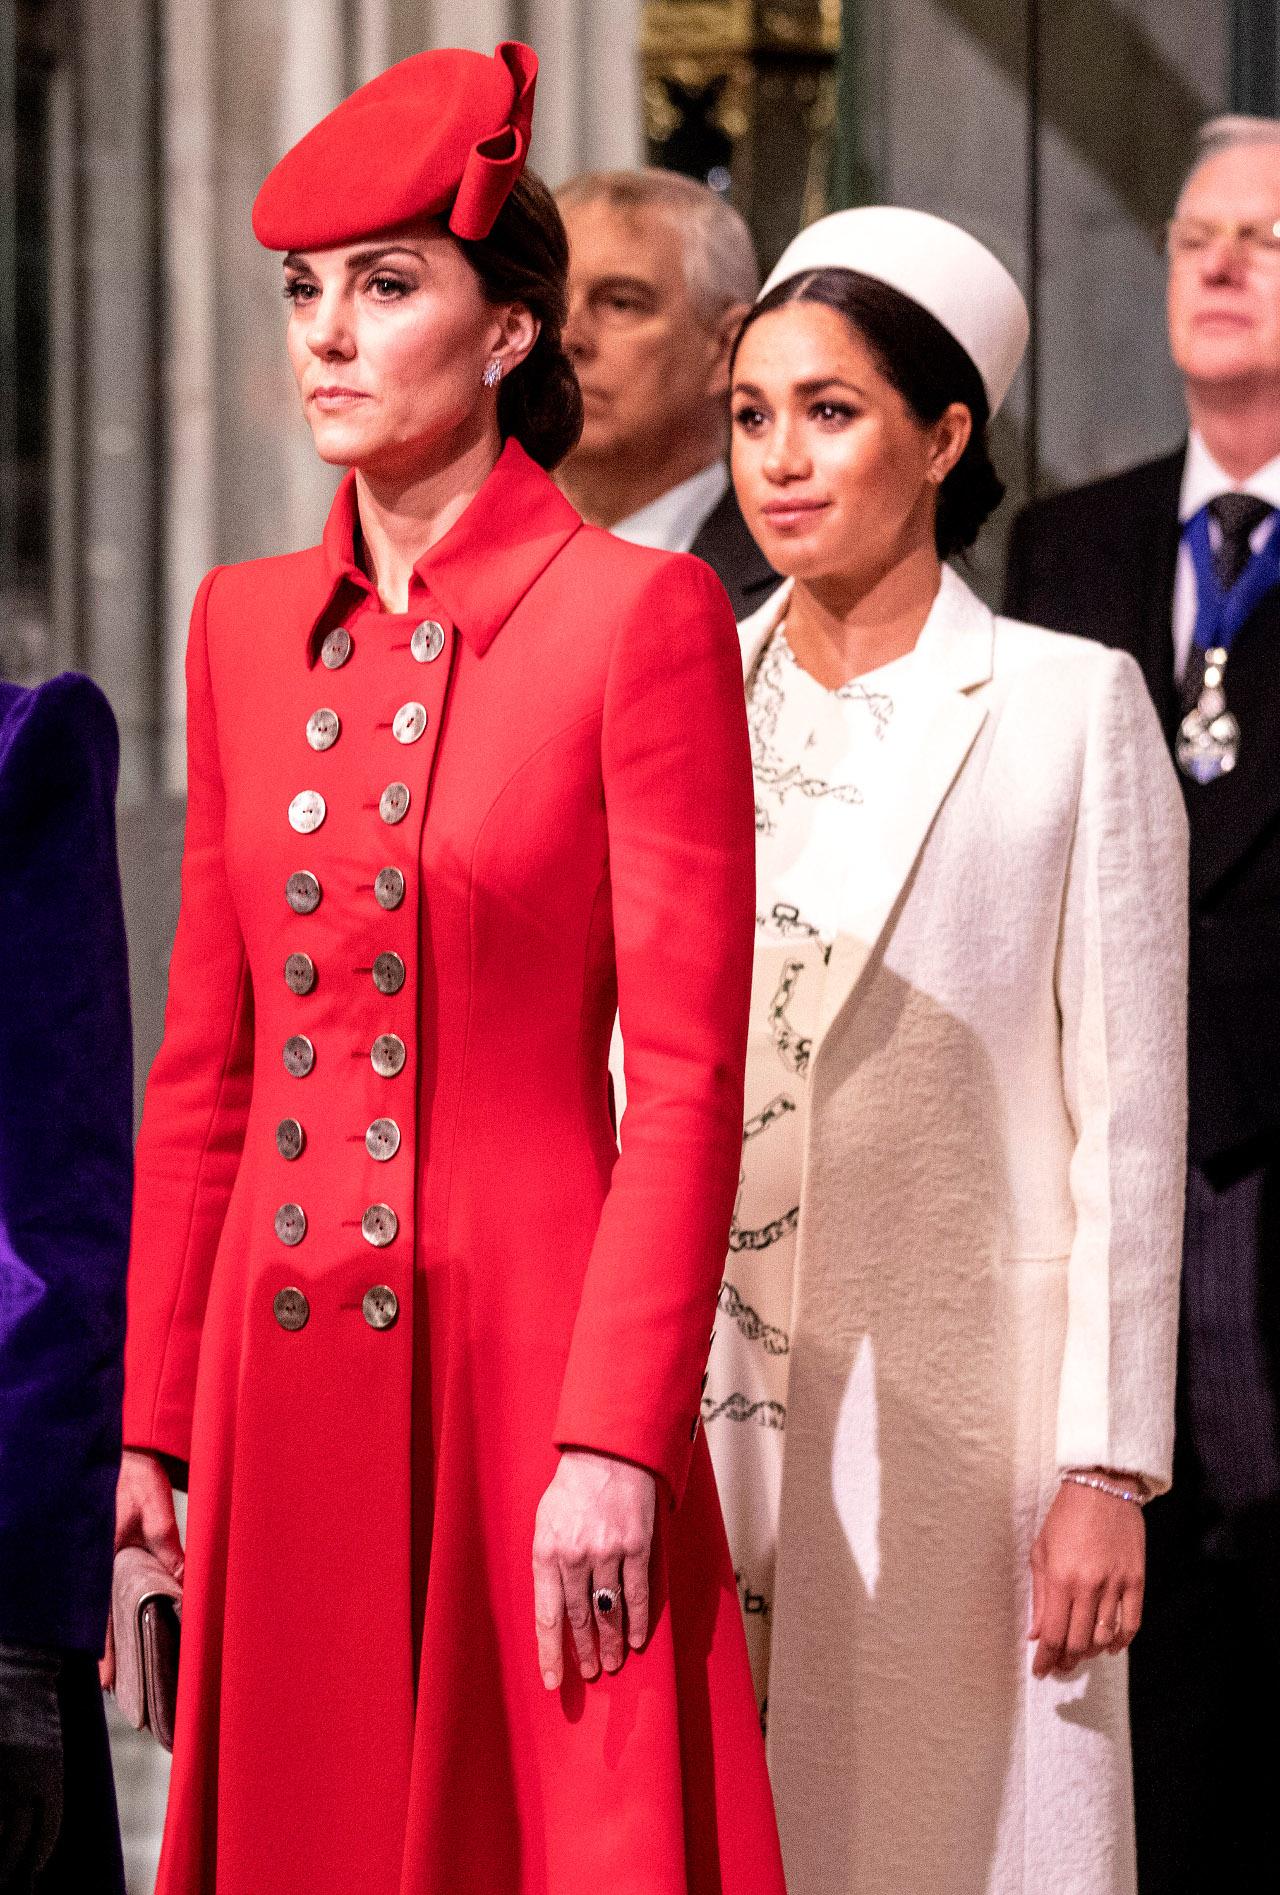 Księżna Kate i Meghan Markle na oficjalnym wystąpieniu.